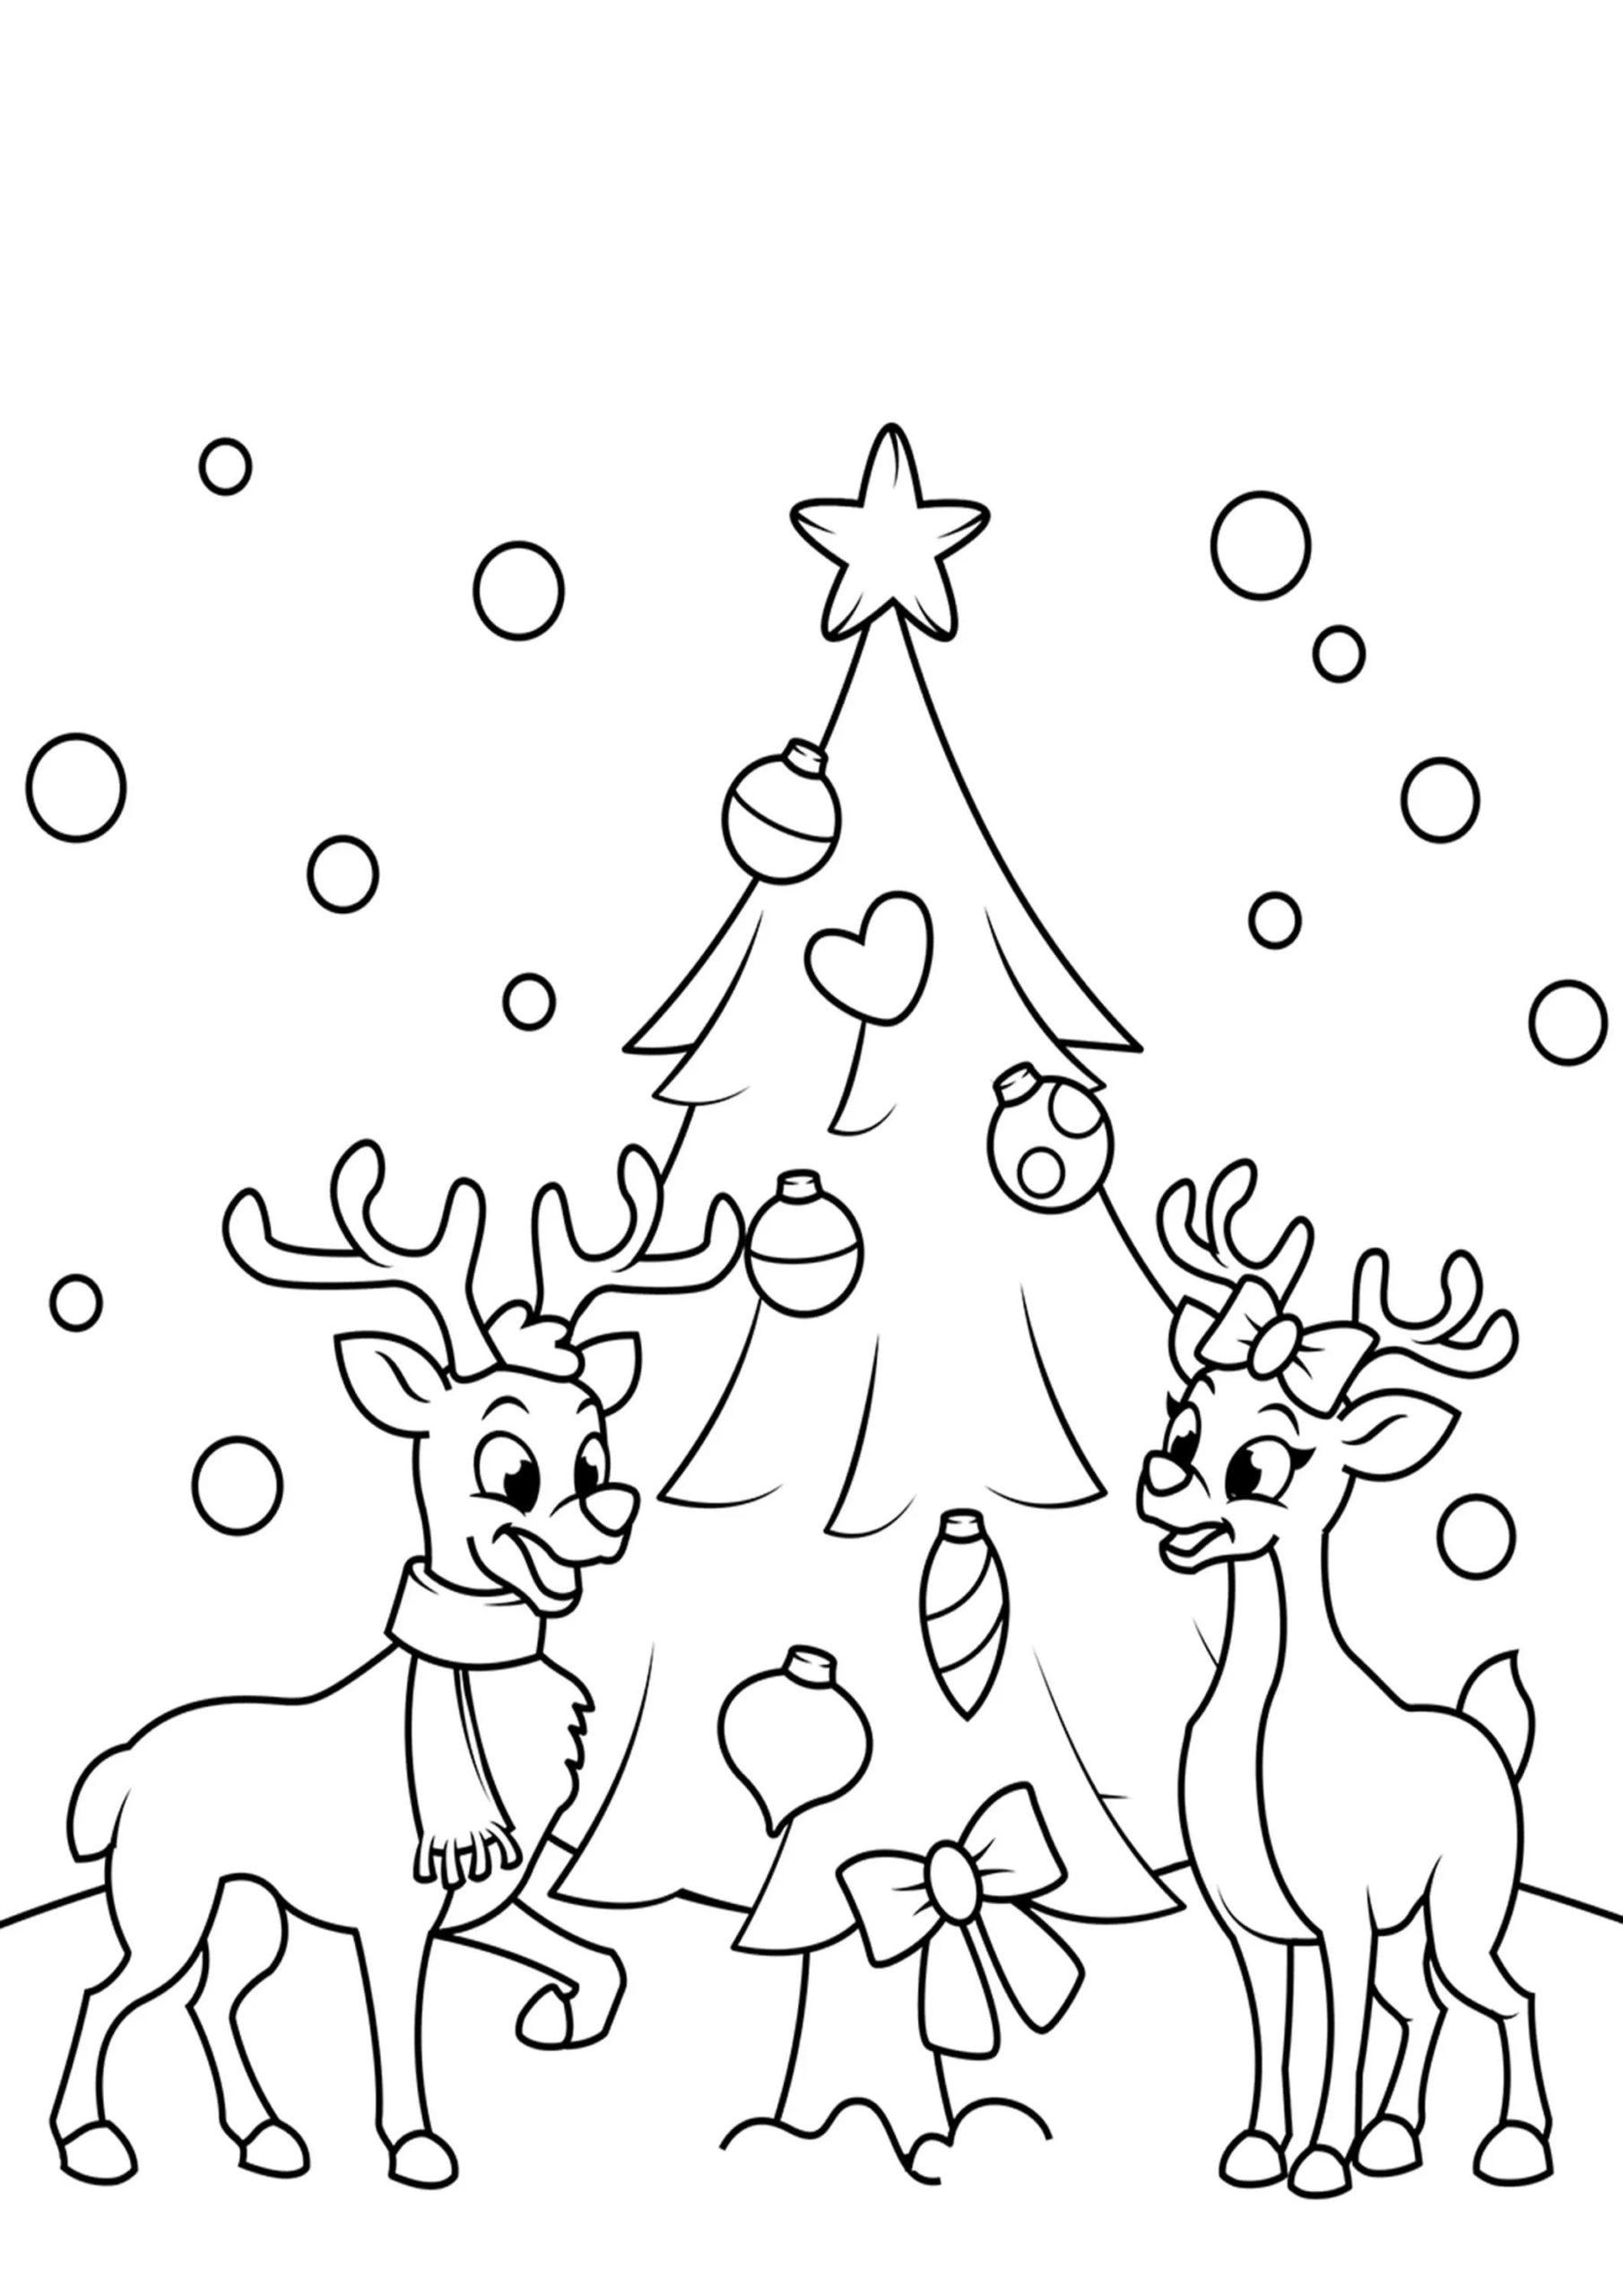 Disegni Da Colorare Gratis Di Natale.Renne Di Natale Disegni Da Colorare Stampa Gratuita Di 100 Immagini